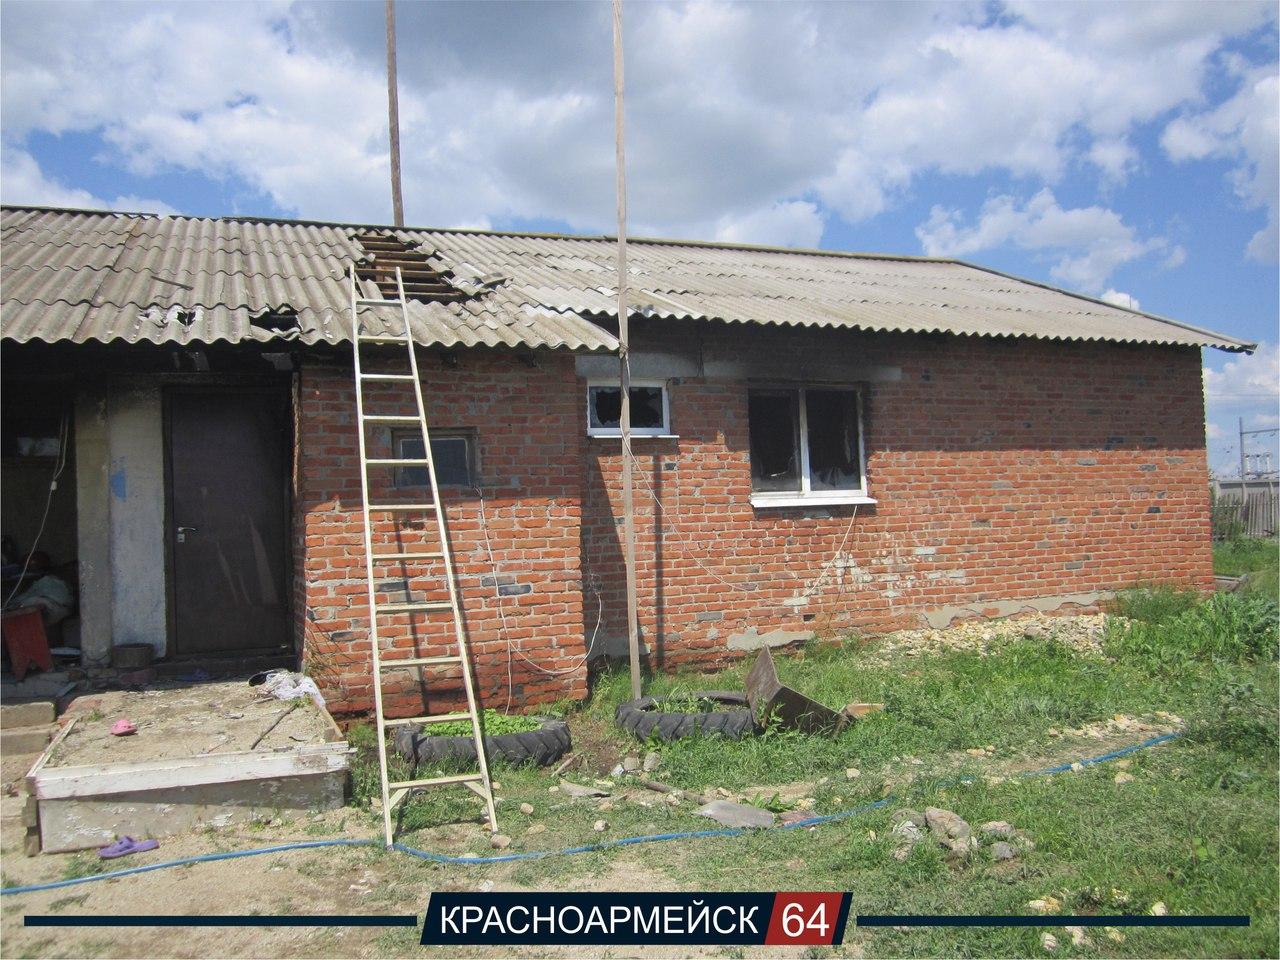 Дом, в котором сгорела квартира